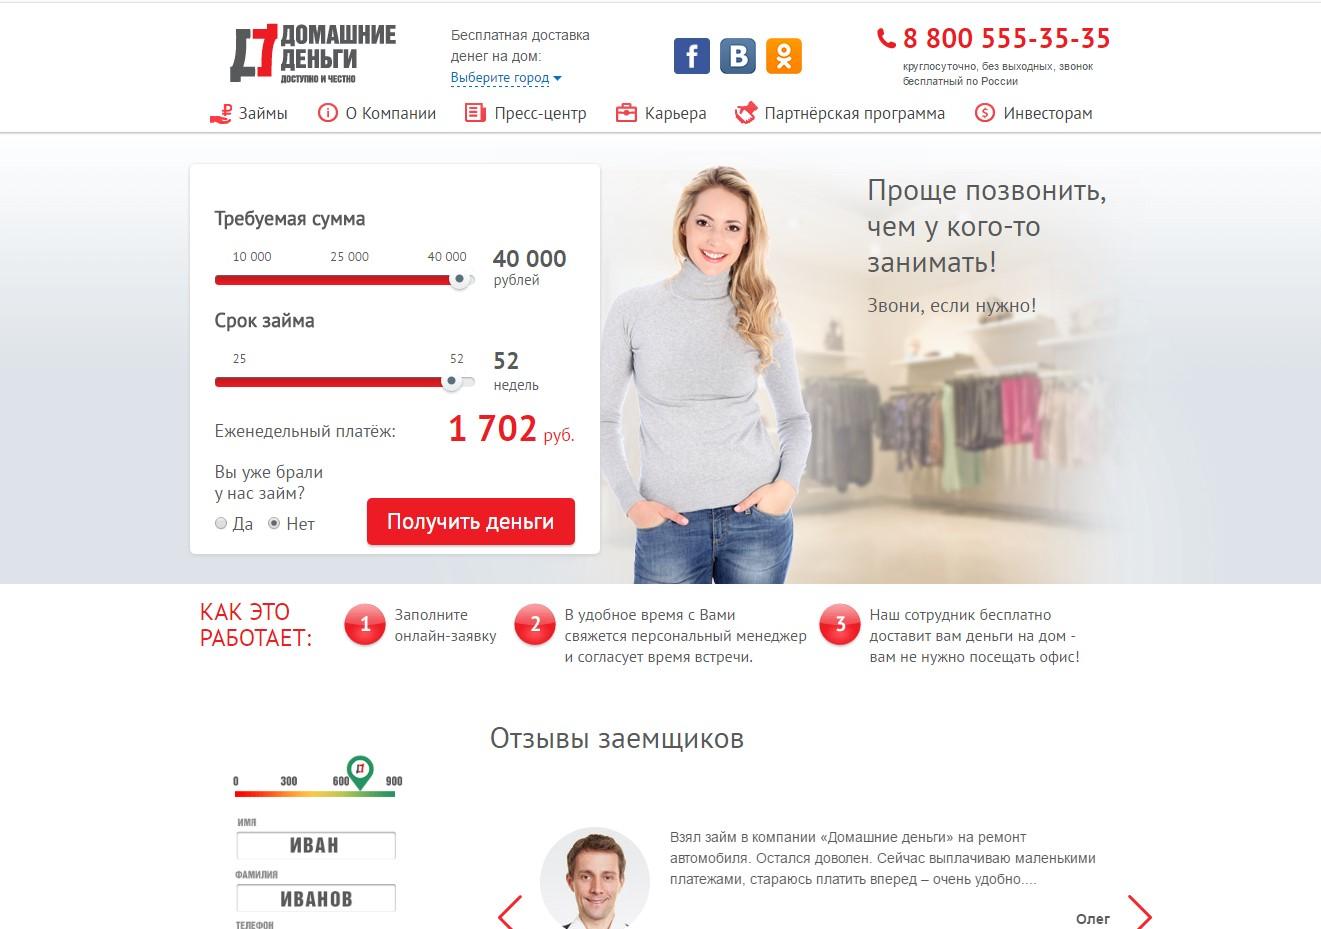 Сайт домашние деньги онлайн